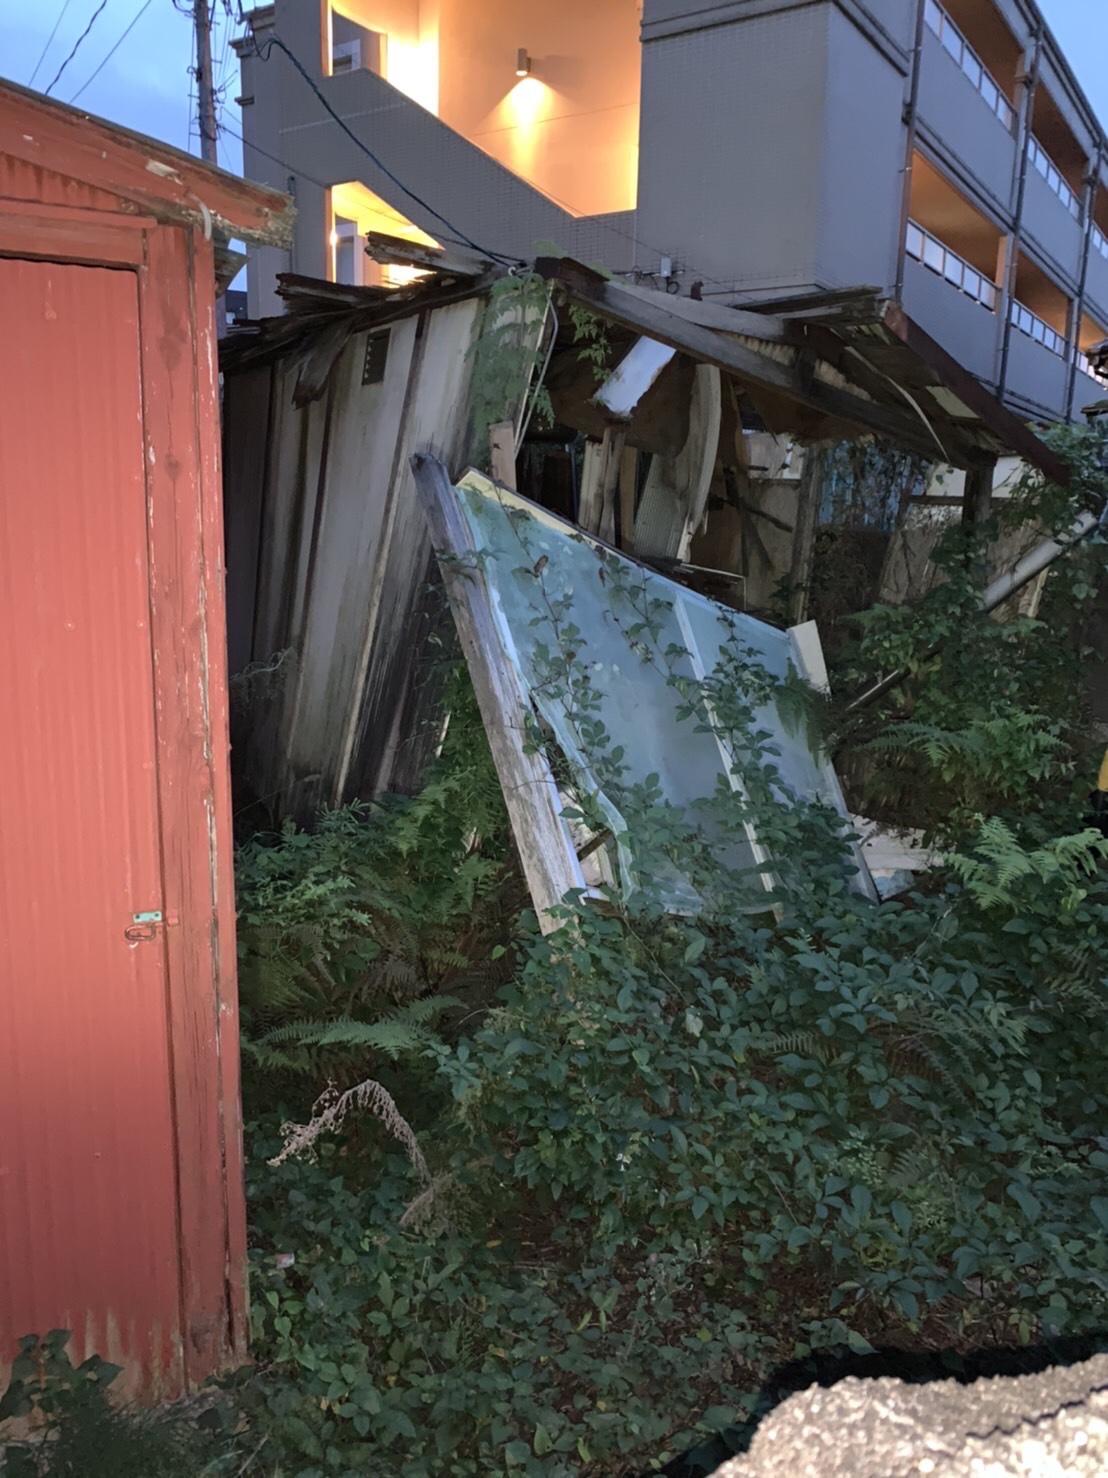 三重県津市や松阪市で不用品回収や処分のご相談。遺品整理や家屋解体工事の見積り業者なら株式会社kousui